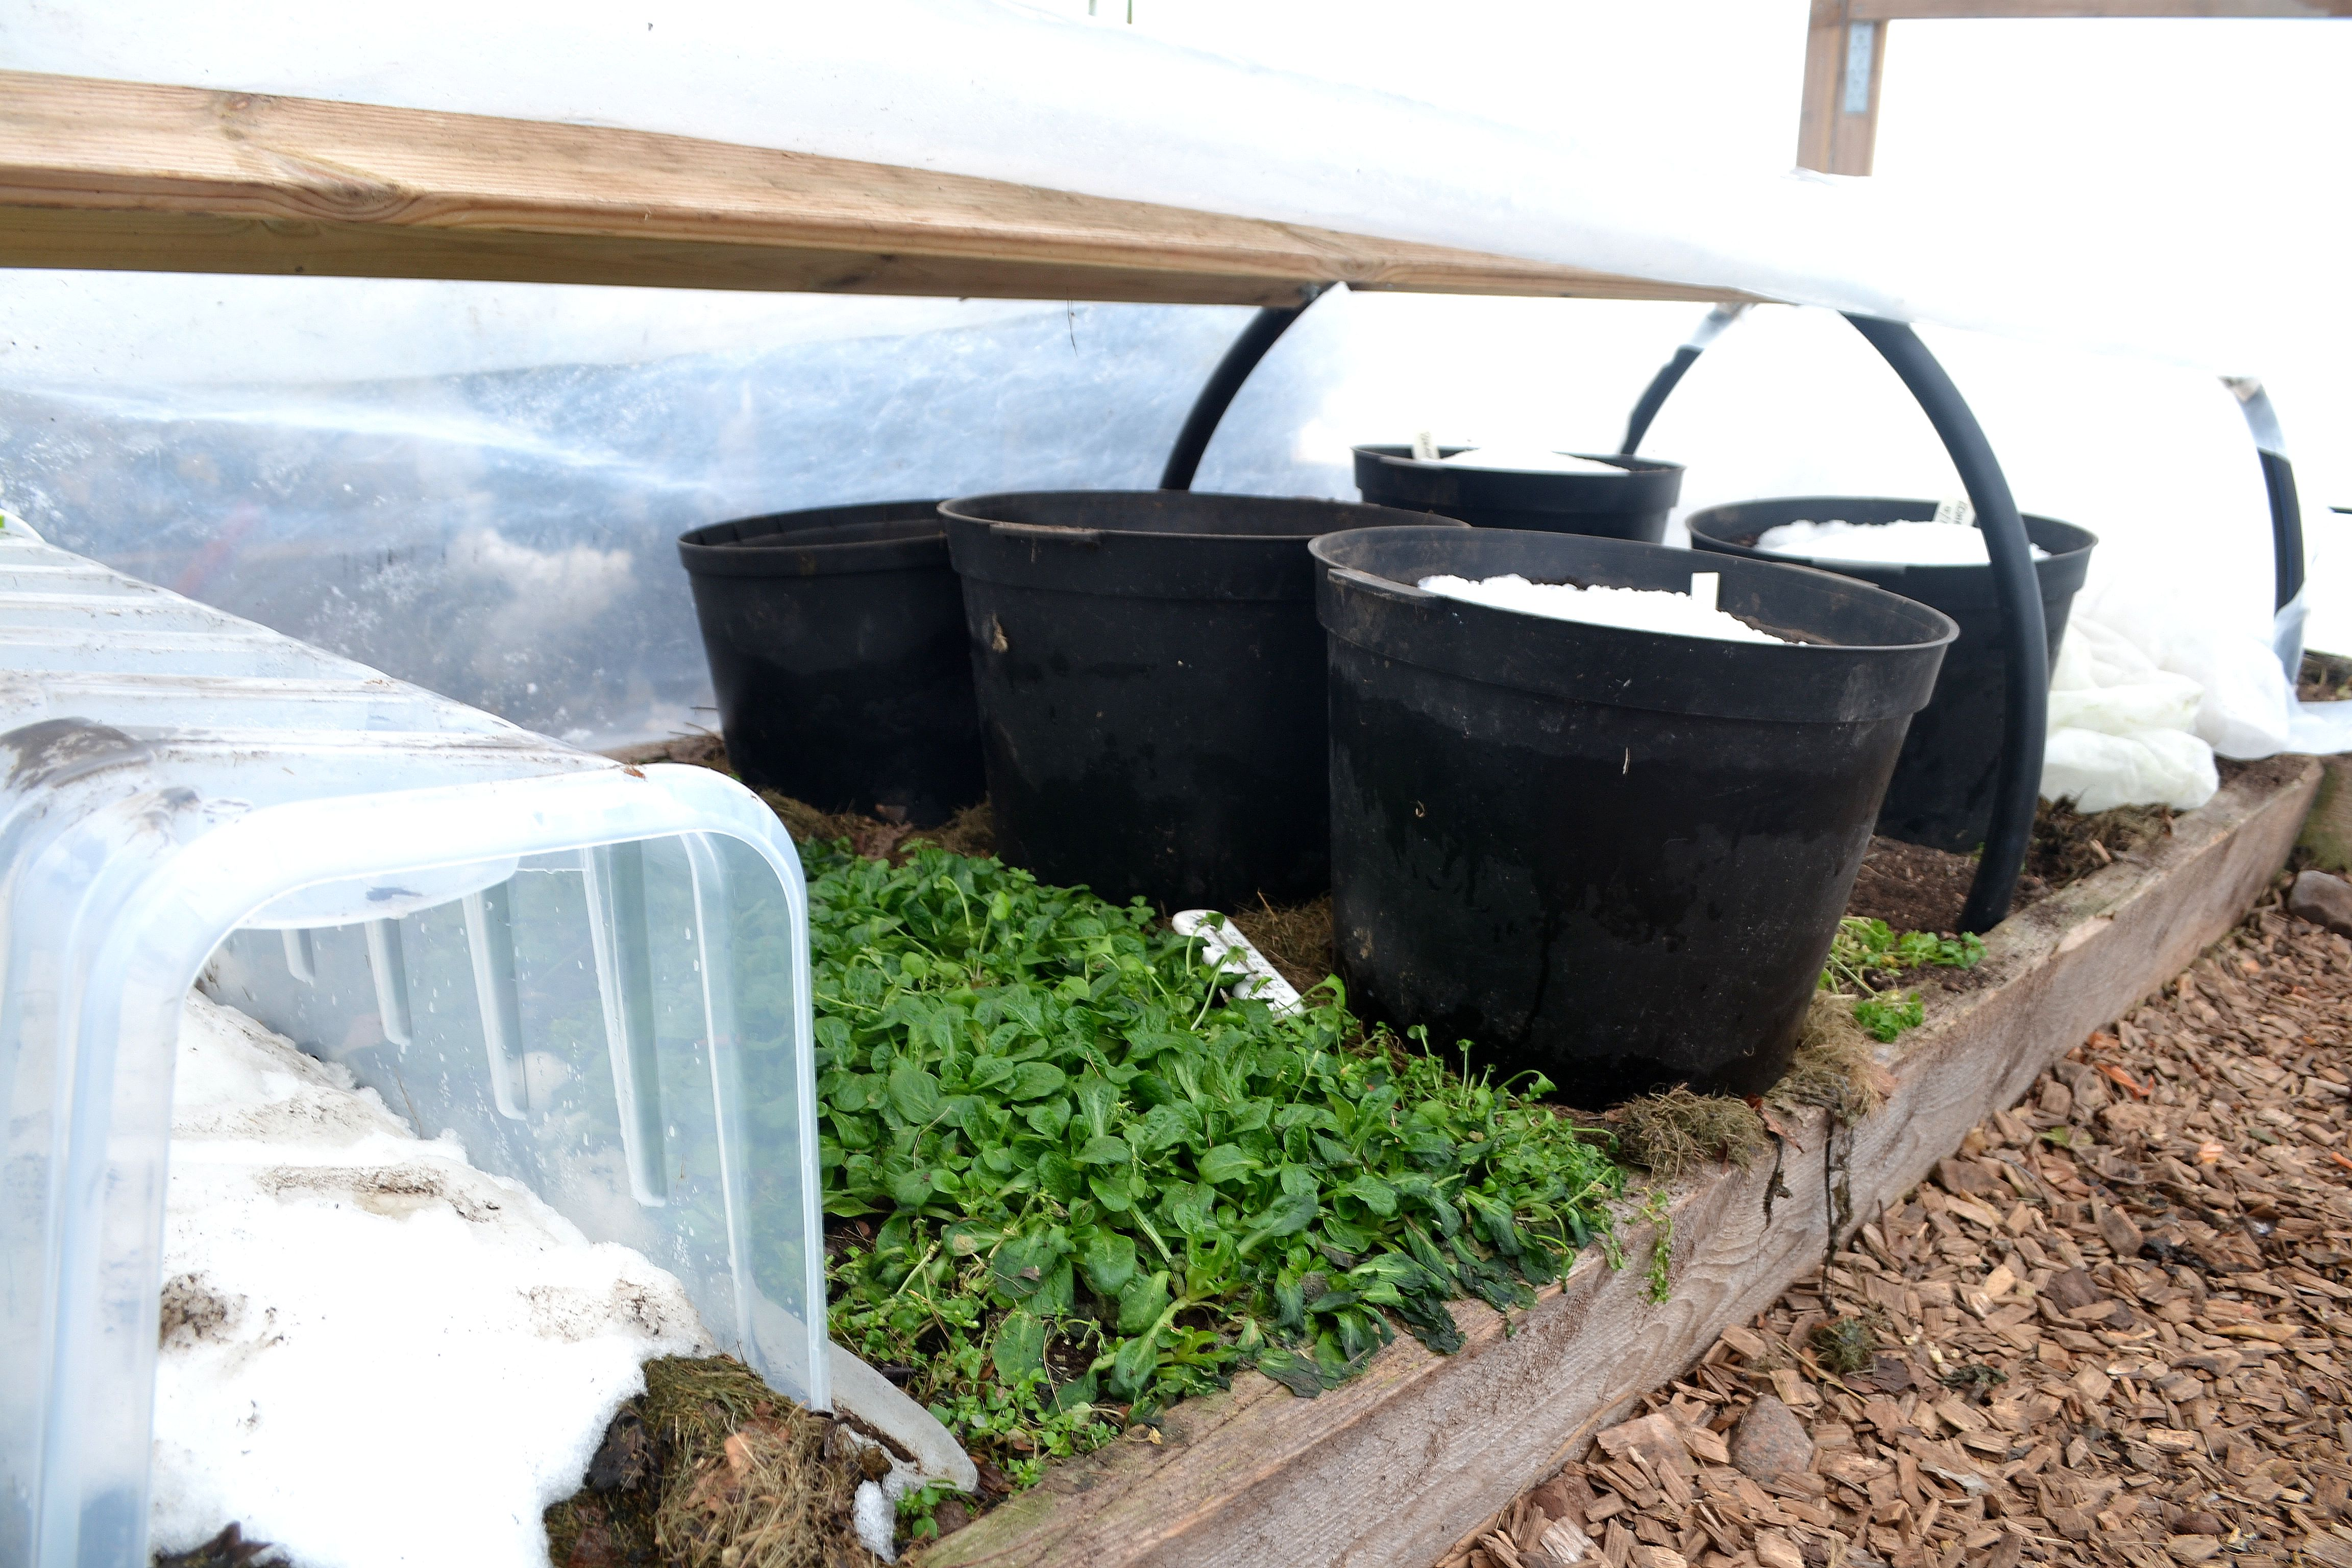 Tunnelväxthuset har öppnats och visar en odlingsyta med små gröna blad och en del krukor med jord. Building a polytunnel.